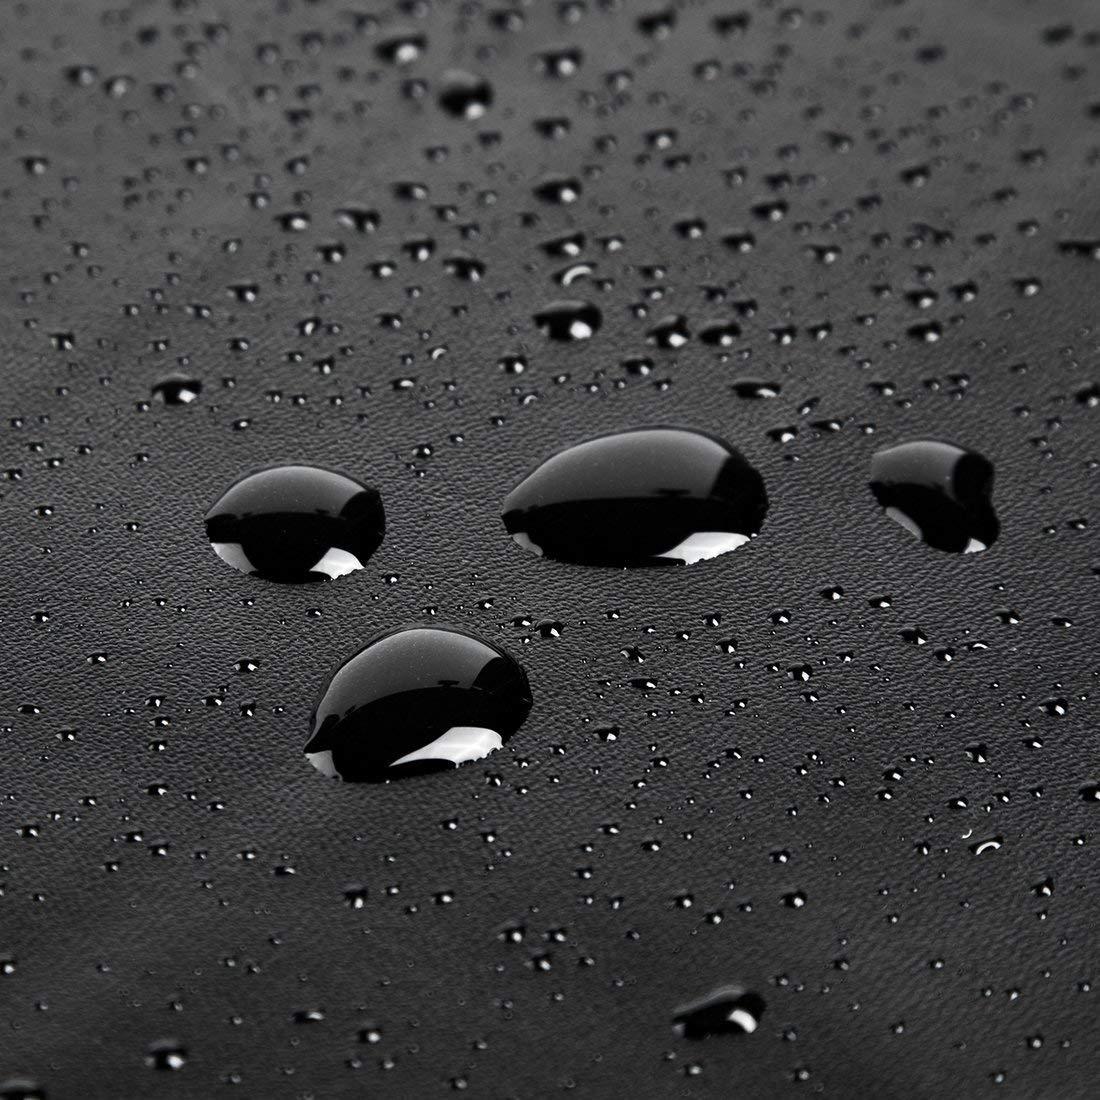 impermeabile Ideale elettrico Verricelli fino a 17500 Lbs resistente ai raggi UV e mildew-resistant argano della copertura W//sewn-in fascia elastica Yelaiyehao Premium argano copertura antipolvere